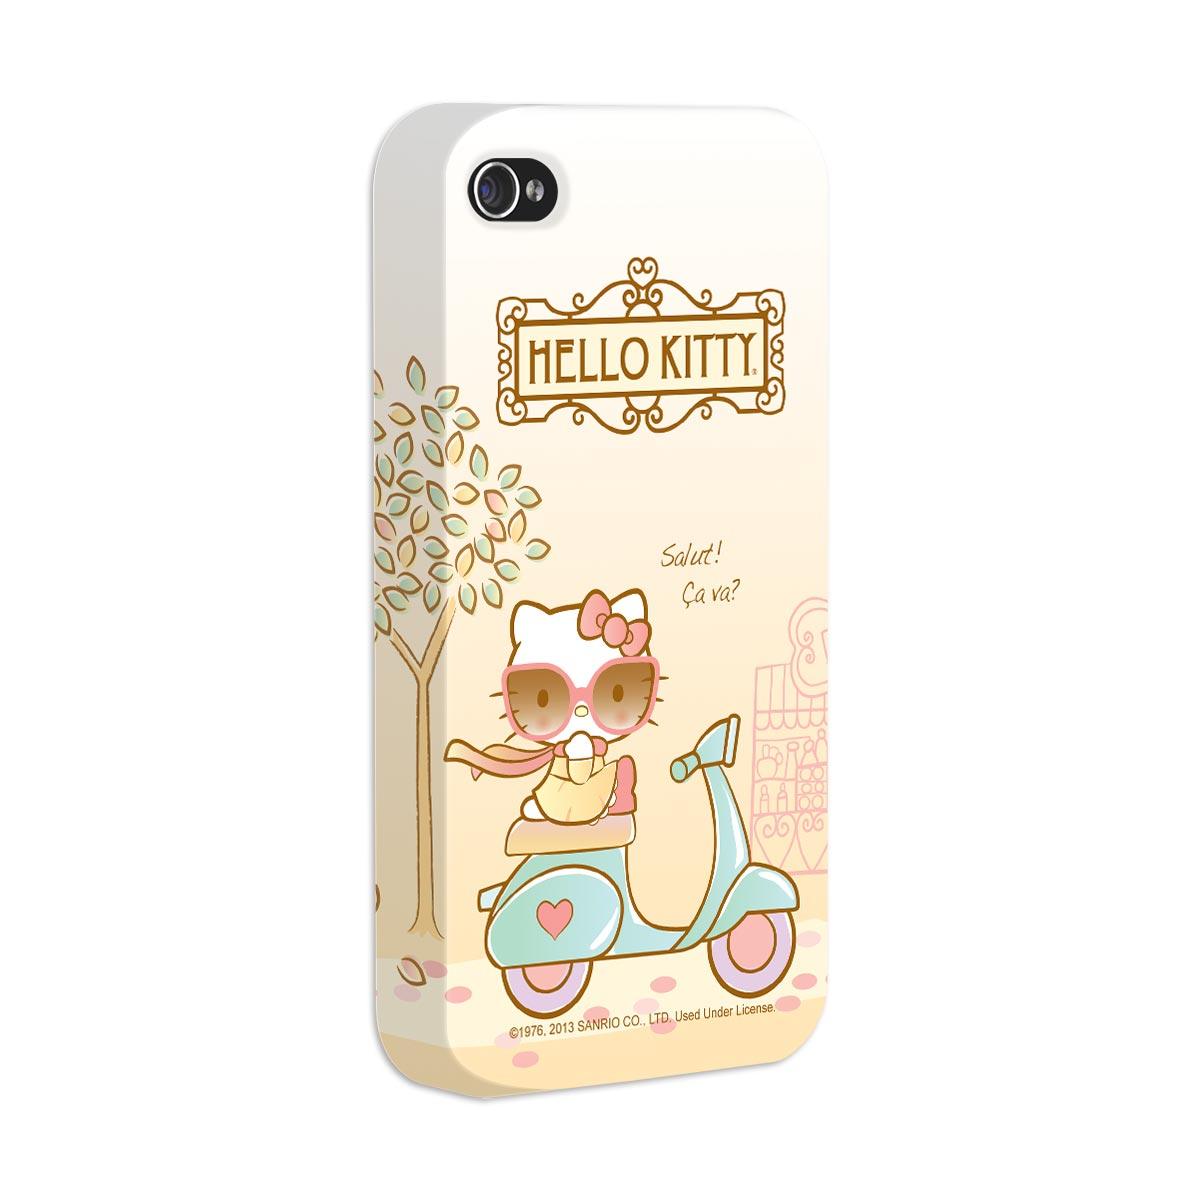 Capa de iPhone 4/4S Hello Kitty Salut! Ça Va?